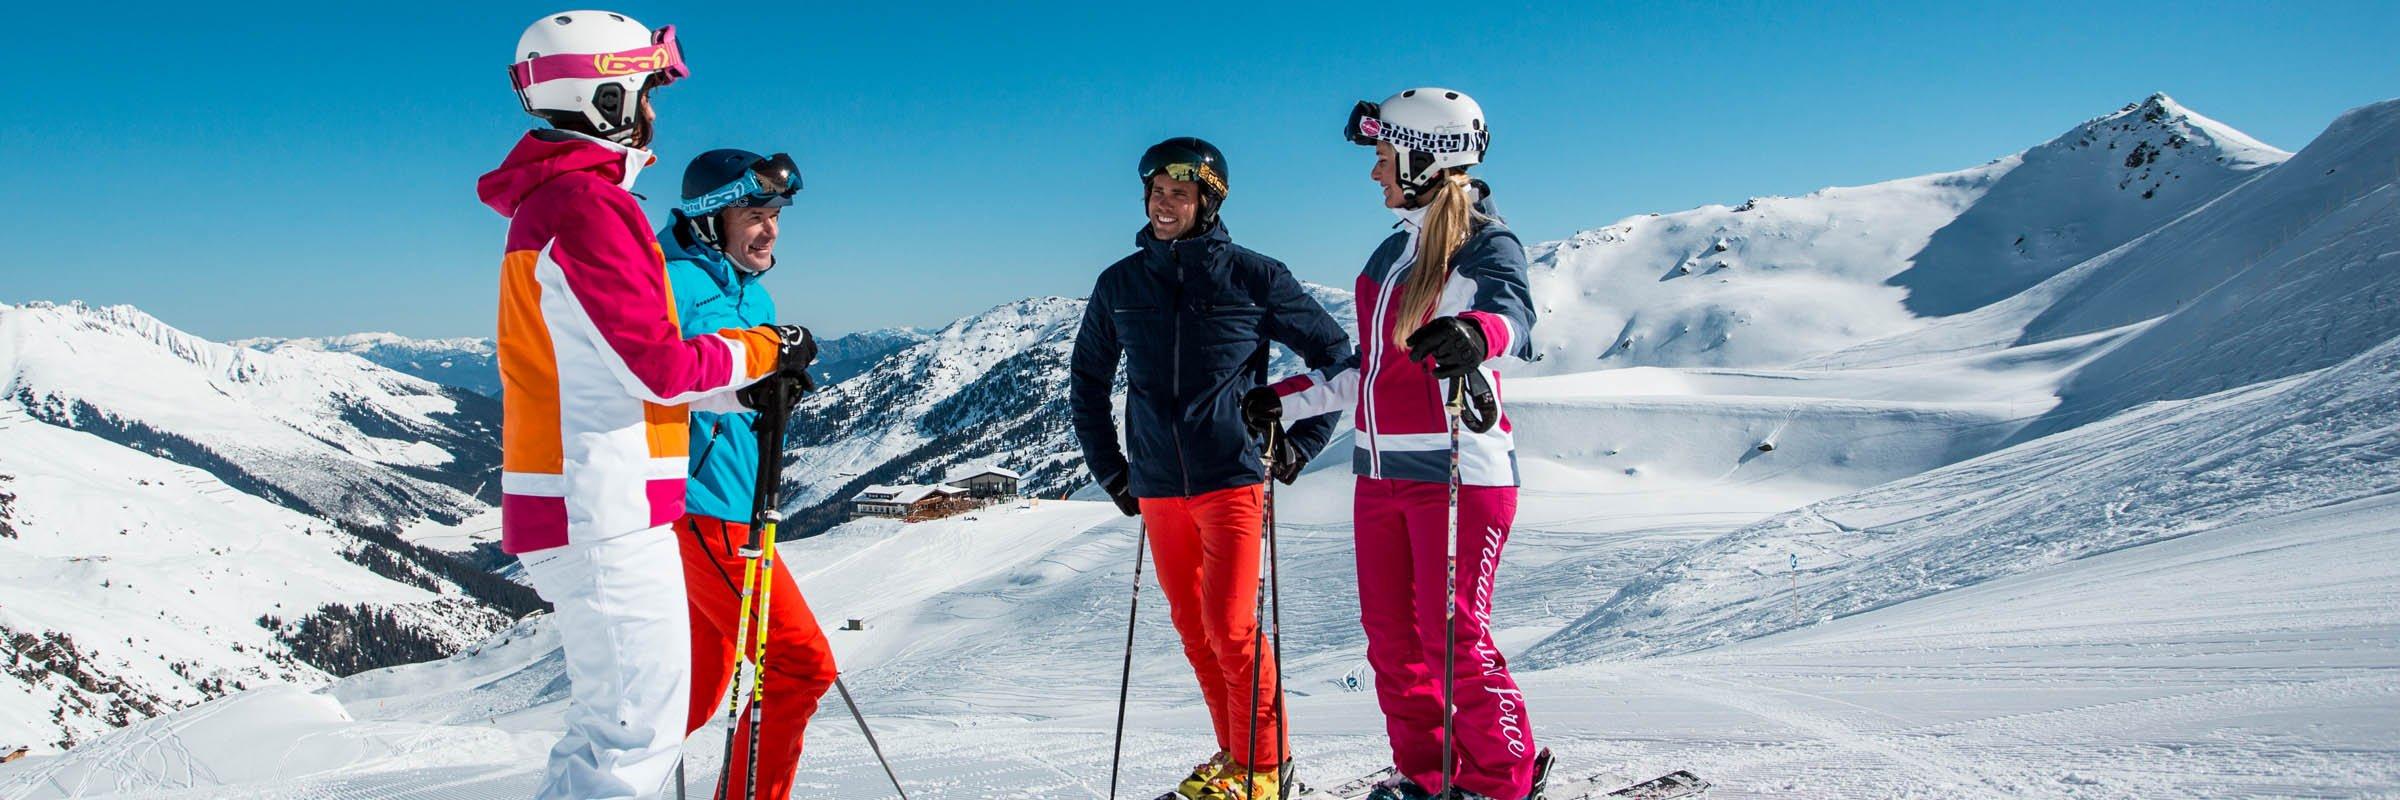 csm_skiing-tyrol-header_832af23164